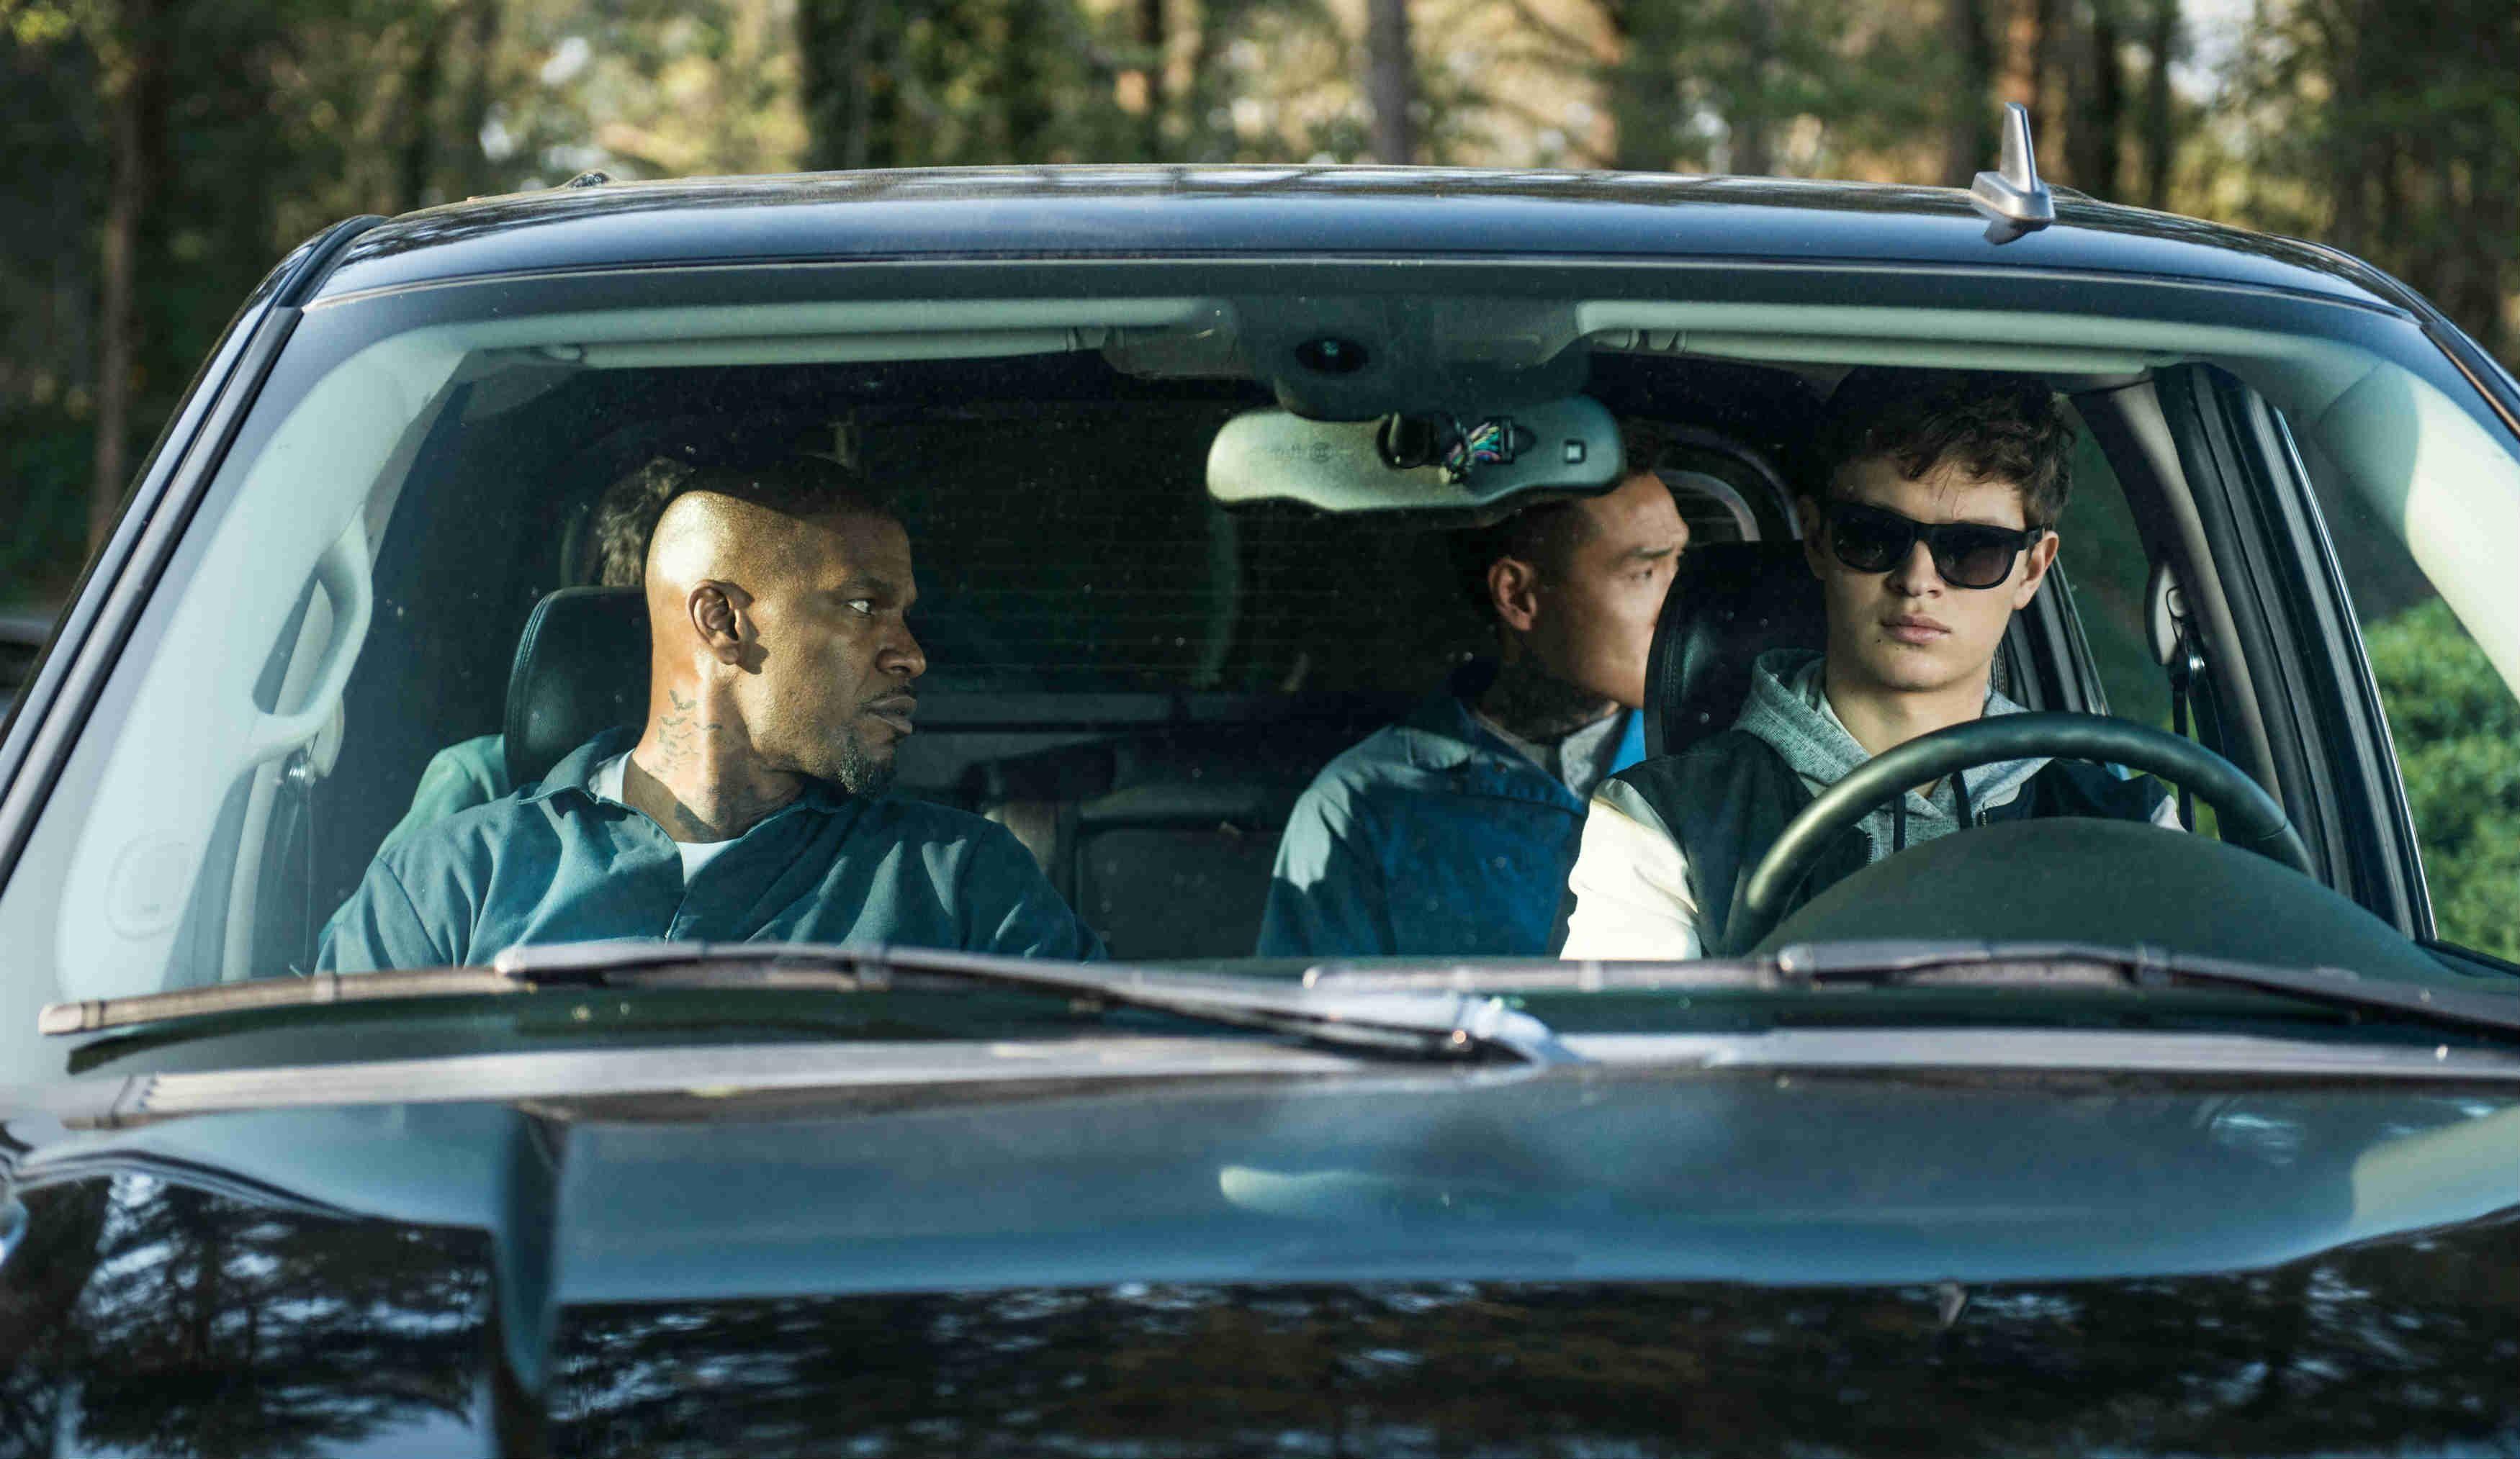 《极盗车神》启动奥斯卡宣传 冲击最佳影片等奖项